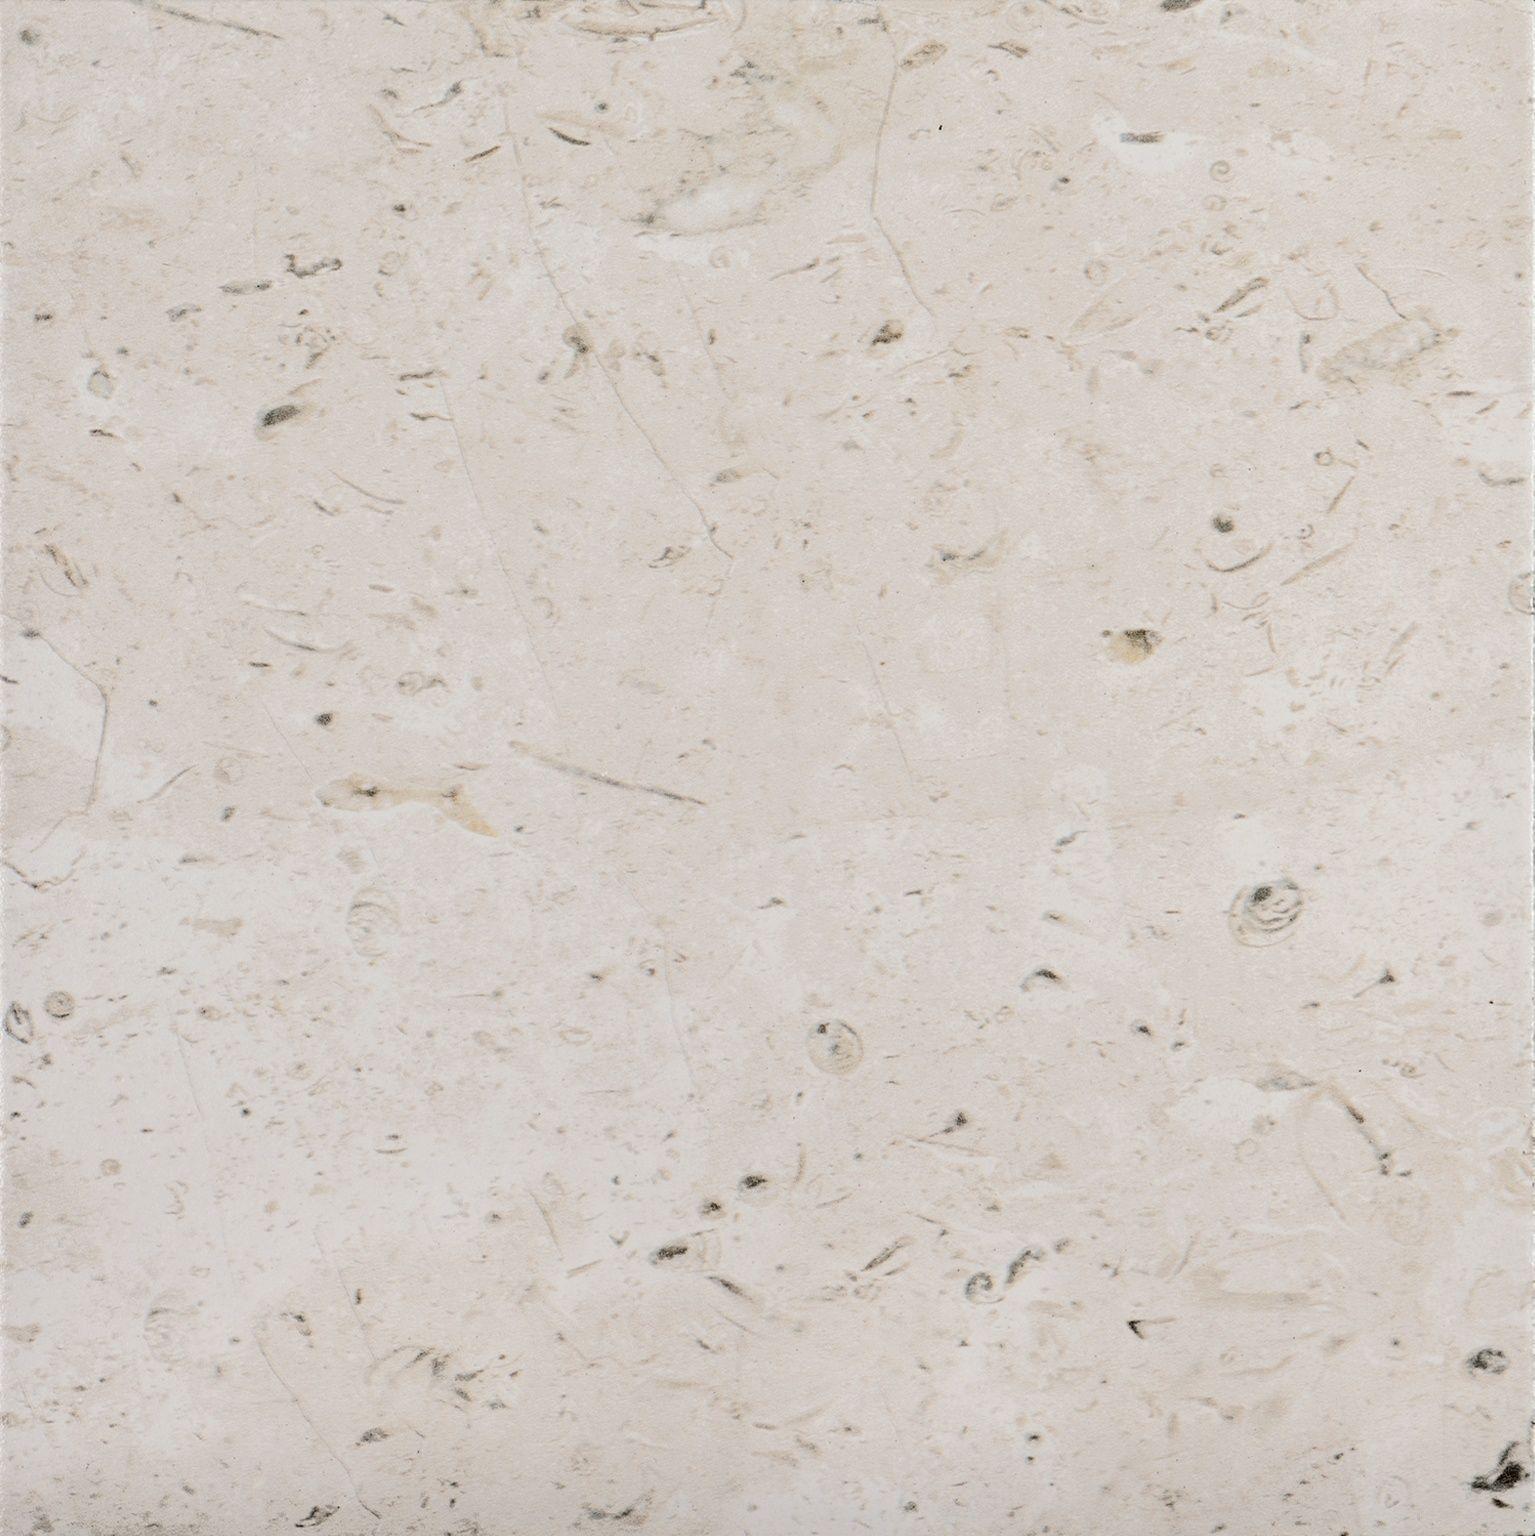 Pisos Y Azulesjos Interceramic Este Producto Es De La Linea Crema Maya Visita Nuestro Sitio Www Com Flooring Hardwood Floors